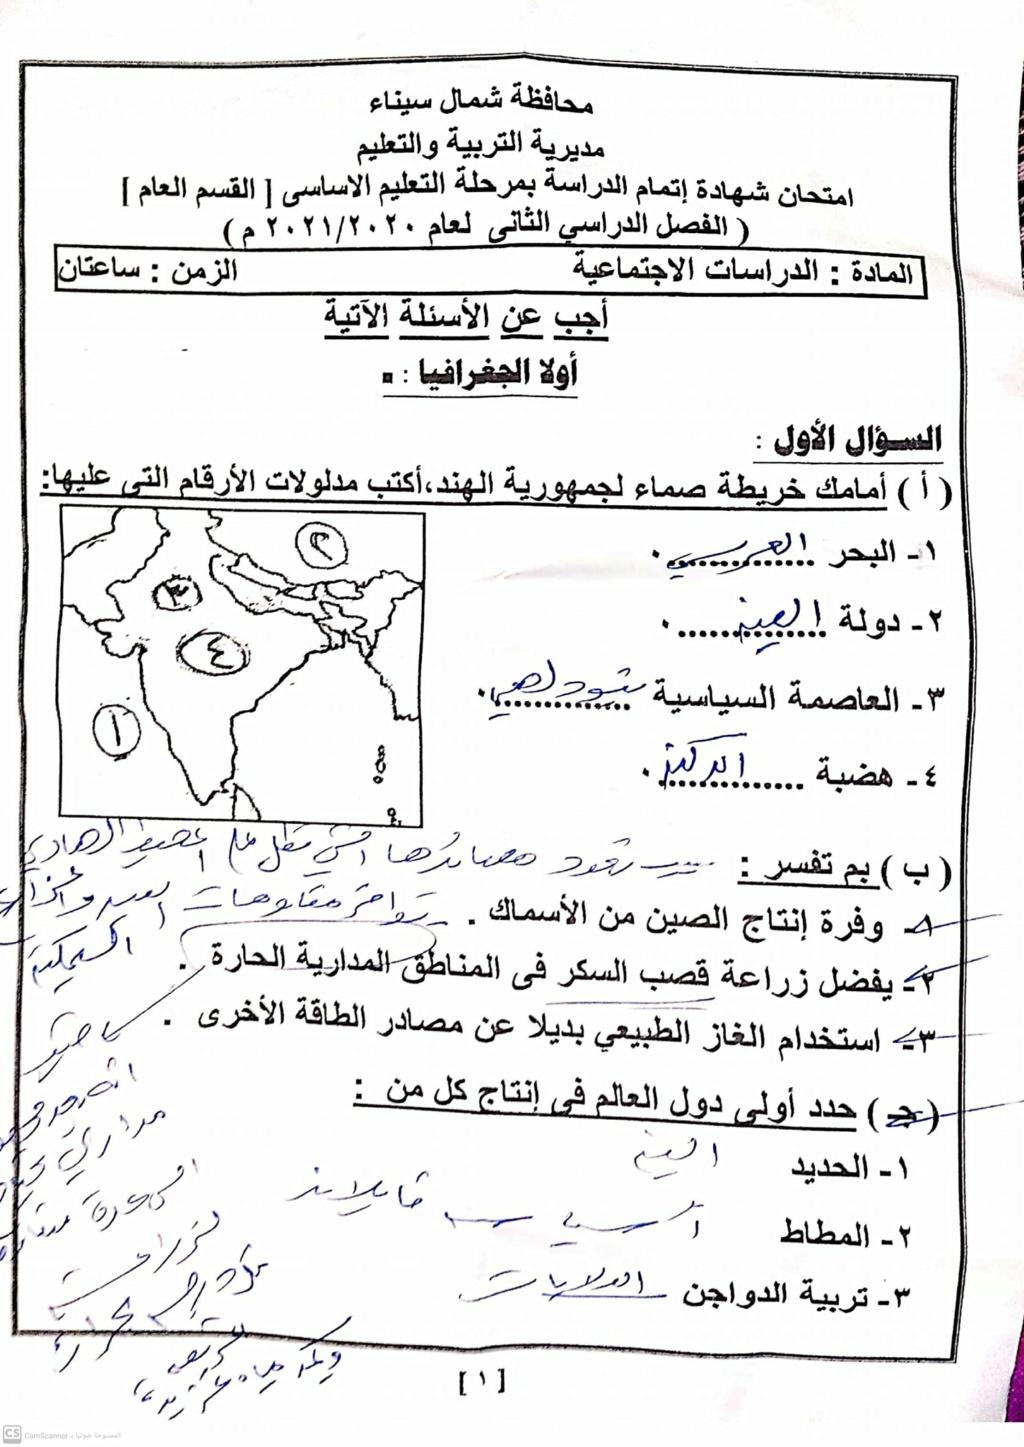 امتحان الدراسات للشهادة الإعدادية ترم ثاني ٢٠٢١ محافظة شمال سيناء 13762